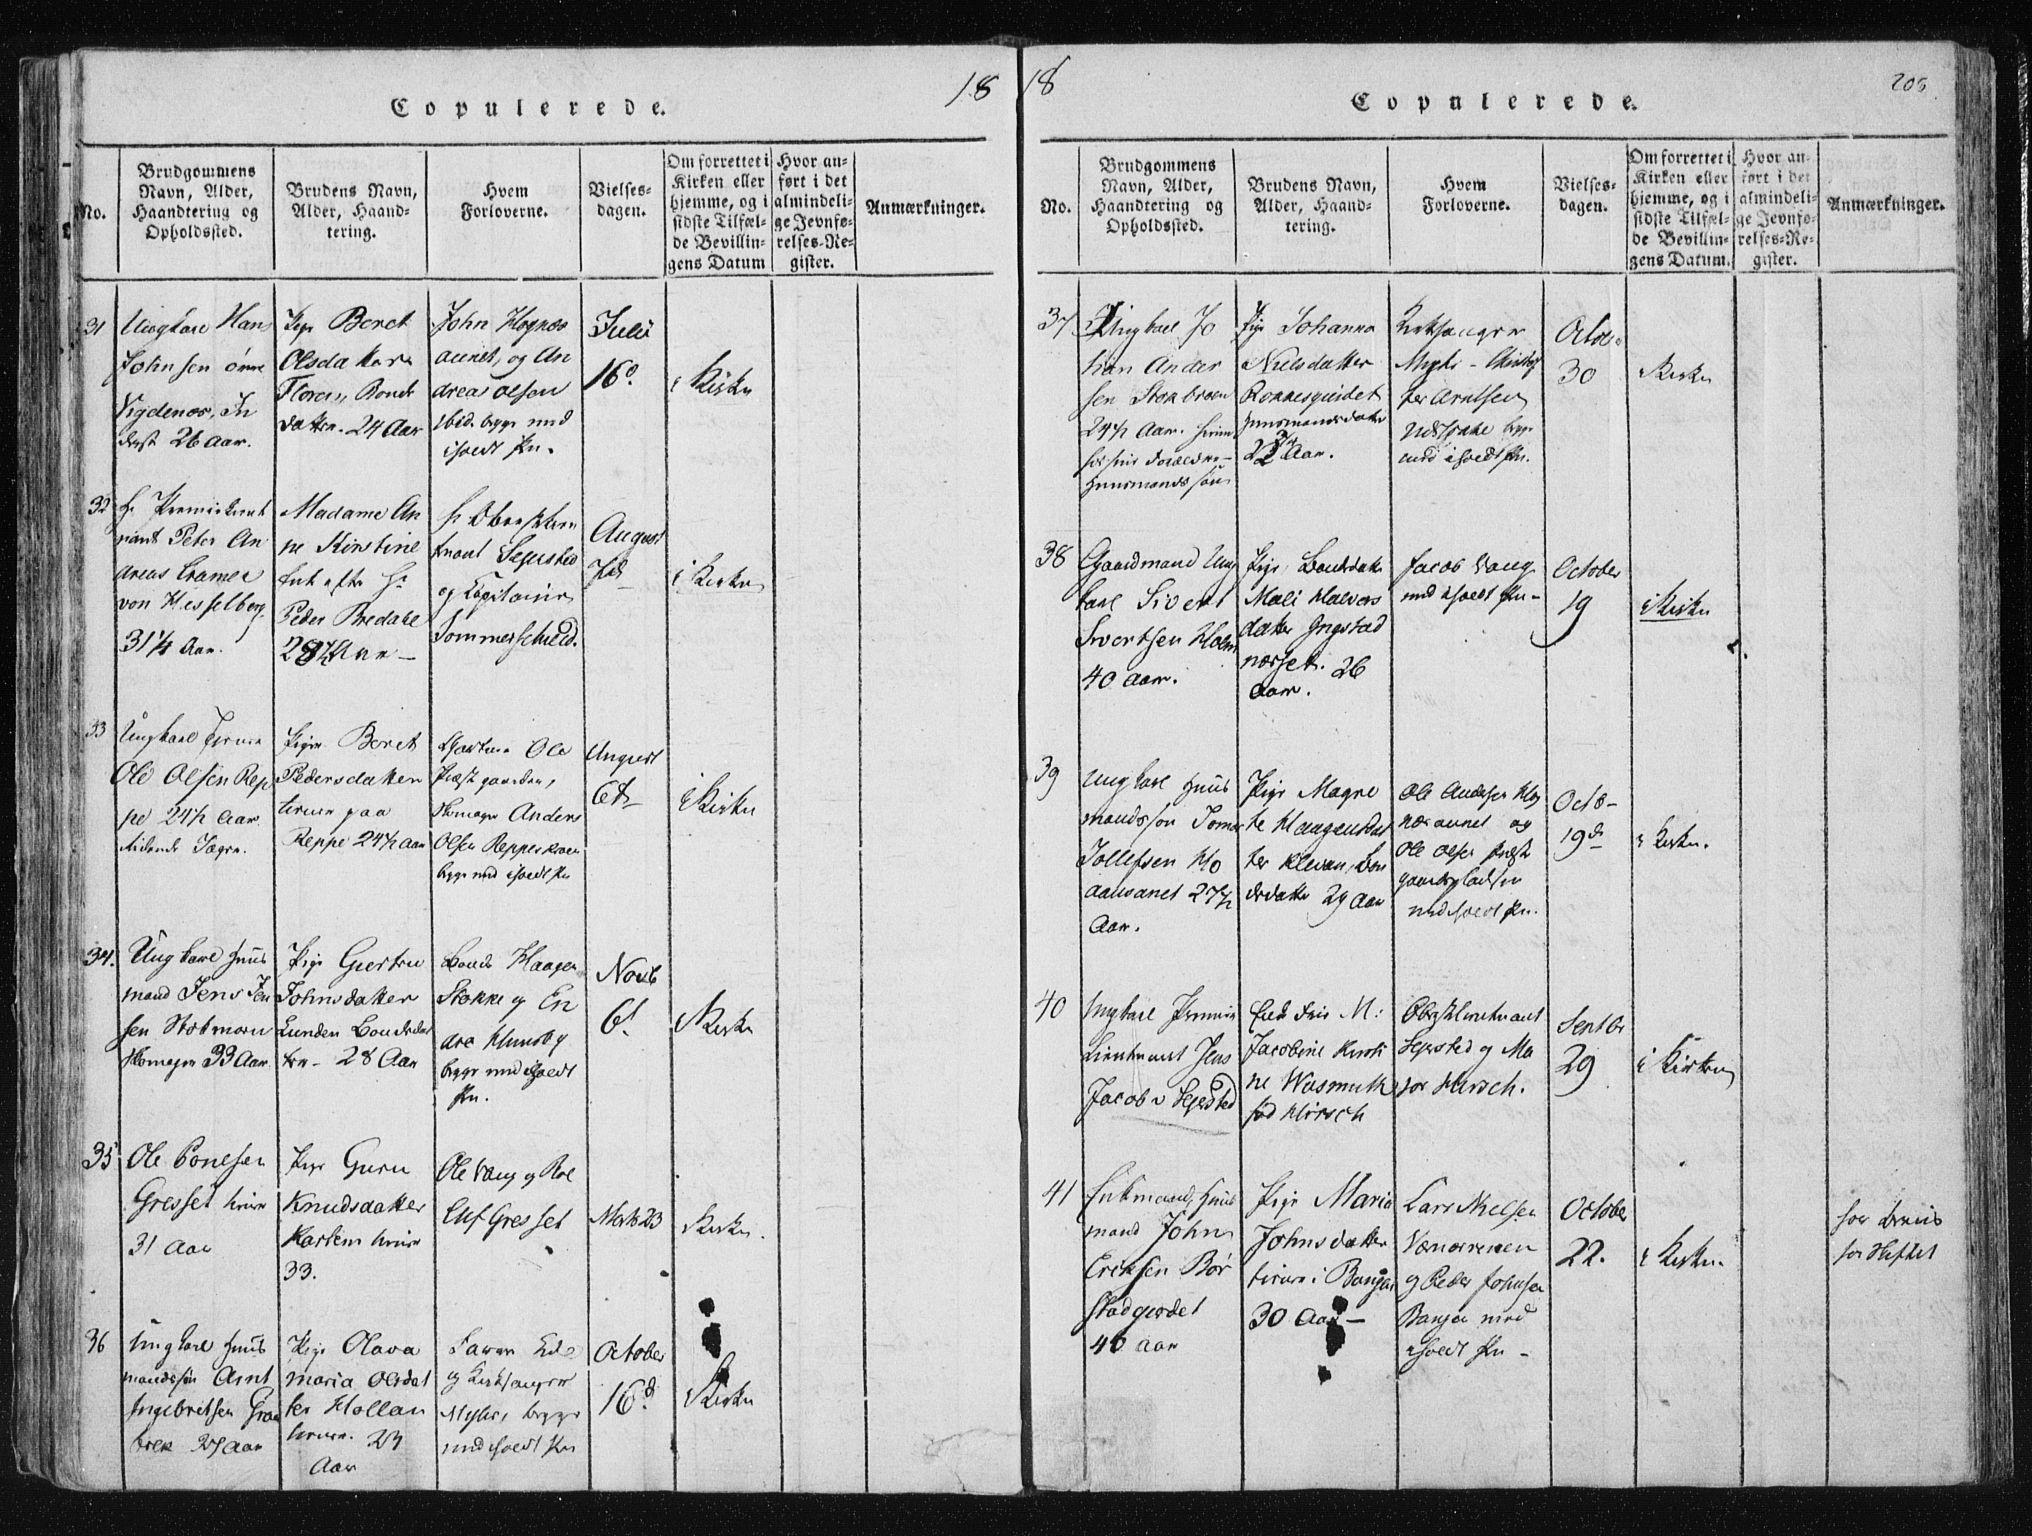 SAT, Ministerialprotokoller, klokkerbøker og fødselsregistre - Nord-Trøndelag, 709/L0061: Ministerialbok nr. 709A08 /1, 1815-1819, s. 208